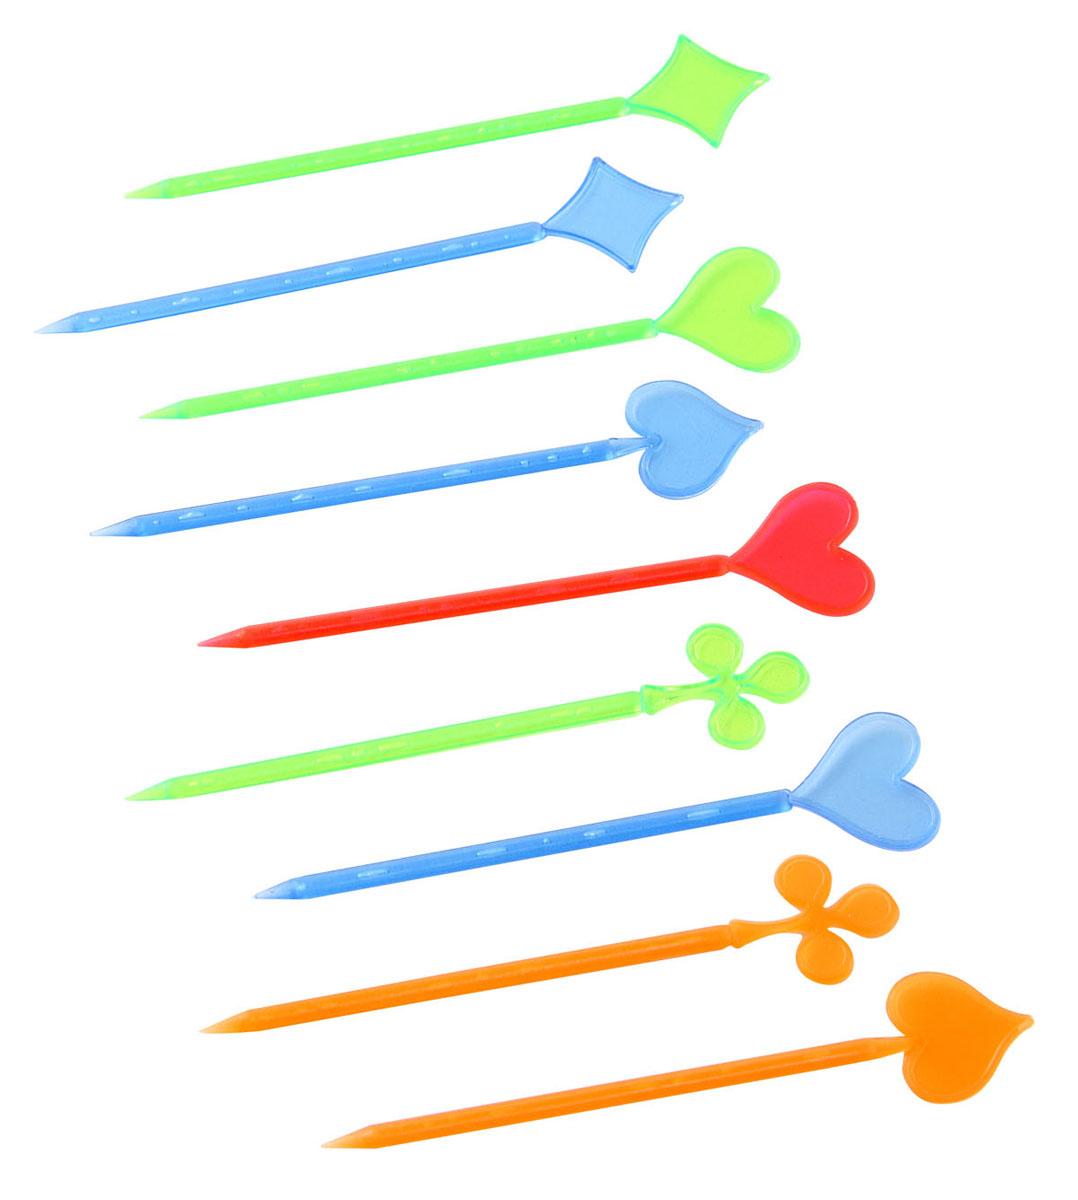 Палочки для канапе Fackelmann Карты, 8,5 см, 50 шт50417Палочки для канапе Fackelmann Карты выполнены из разноцветного пластика. Верхушки оформлены фигурками в виде карточных мастей. Такие палочки помогут вам создать оригинальные канапе и бутерброды из самых простых продуктов. Представьте, насколько ярким и красивым станет ваш праздничный стол, и как будут приятно удивлены гости мастерством хозяйки. Характеристики: Материал: пластик. Длина палочки: 8,5 см. Комплектация: 50 шт. Артикул: 50417. Компания Fackelmann была основана в 1948 году и в настоящее время является крупнейшим мировым поставщиком товаров для дома. В ассортименте компании найдутся товары для самых разных покупателей. Продукция Fackelmann выполнена из различных комбинаций металла - нержавеющей, хромированной, никелированной и луженой стали, светлого и темного дерева - бука и сосны, пластмассы, акрила, прозрачного, матового и цветного стекла. С продукцией Fackelmann ваш дом станет красивее, уютнее и намного удобнее!